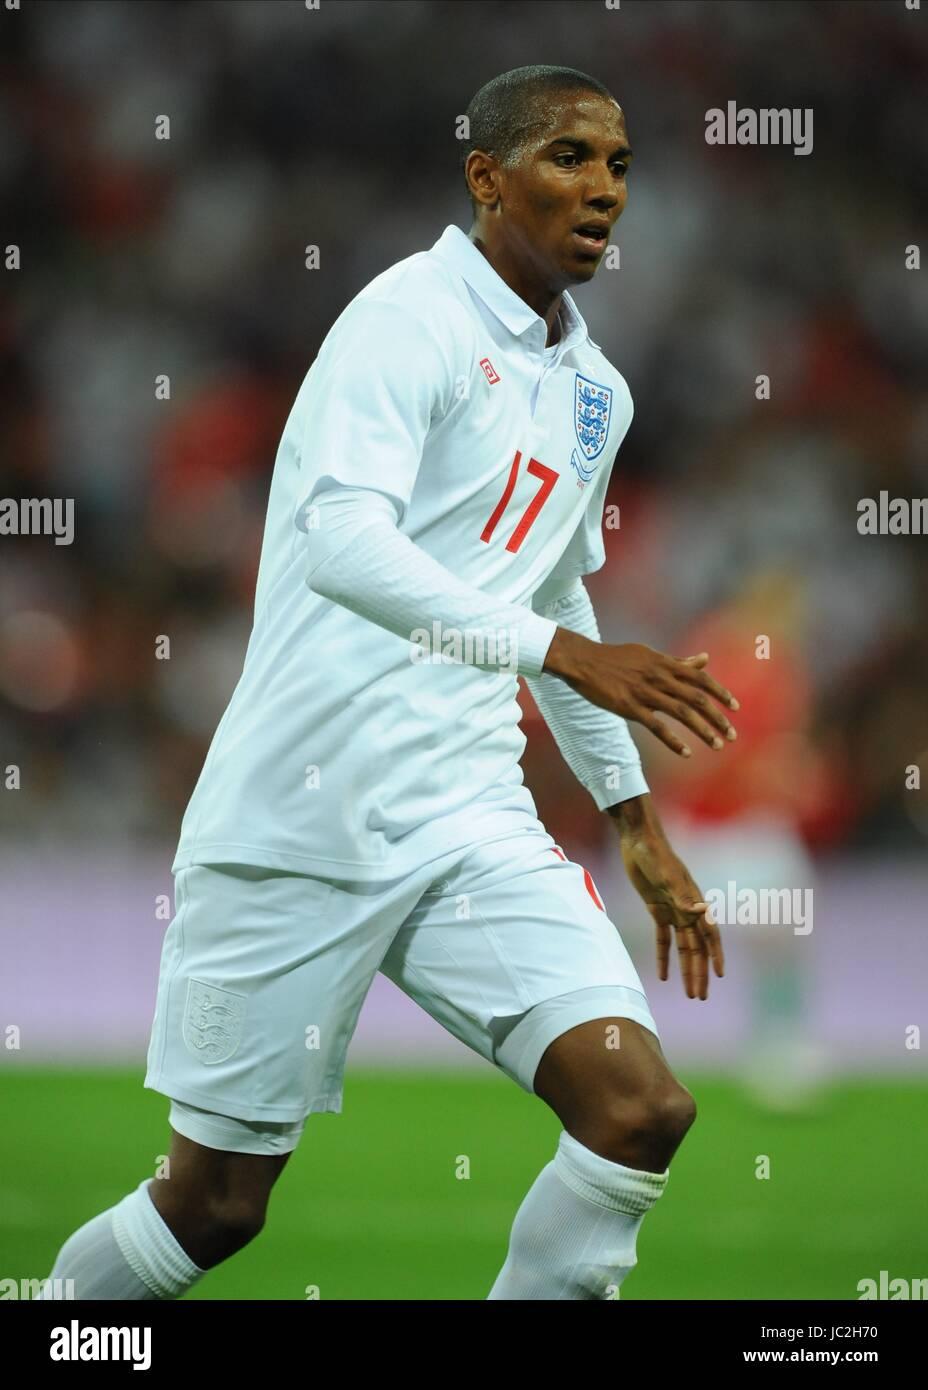 ASHLEY YOUNG ENGLAND WEMBLEY STADIUM LONDON ENGLAND 11 August 2010 - Stock Image